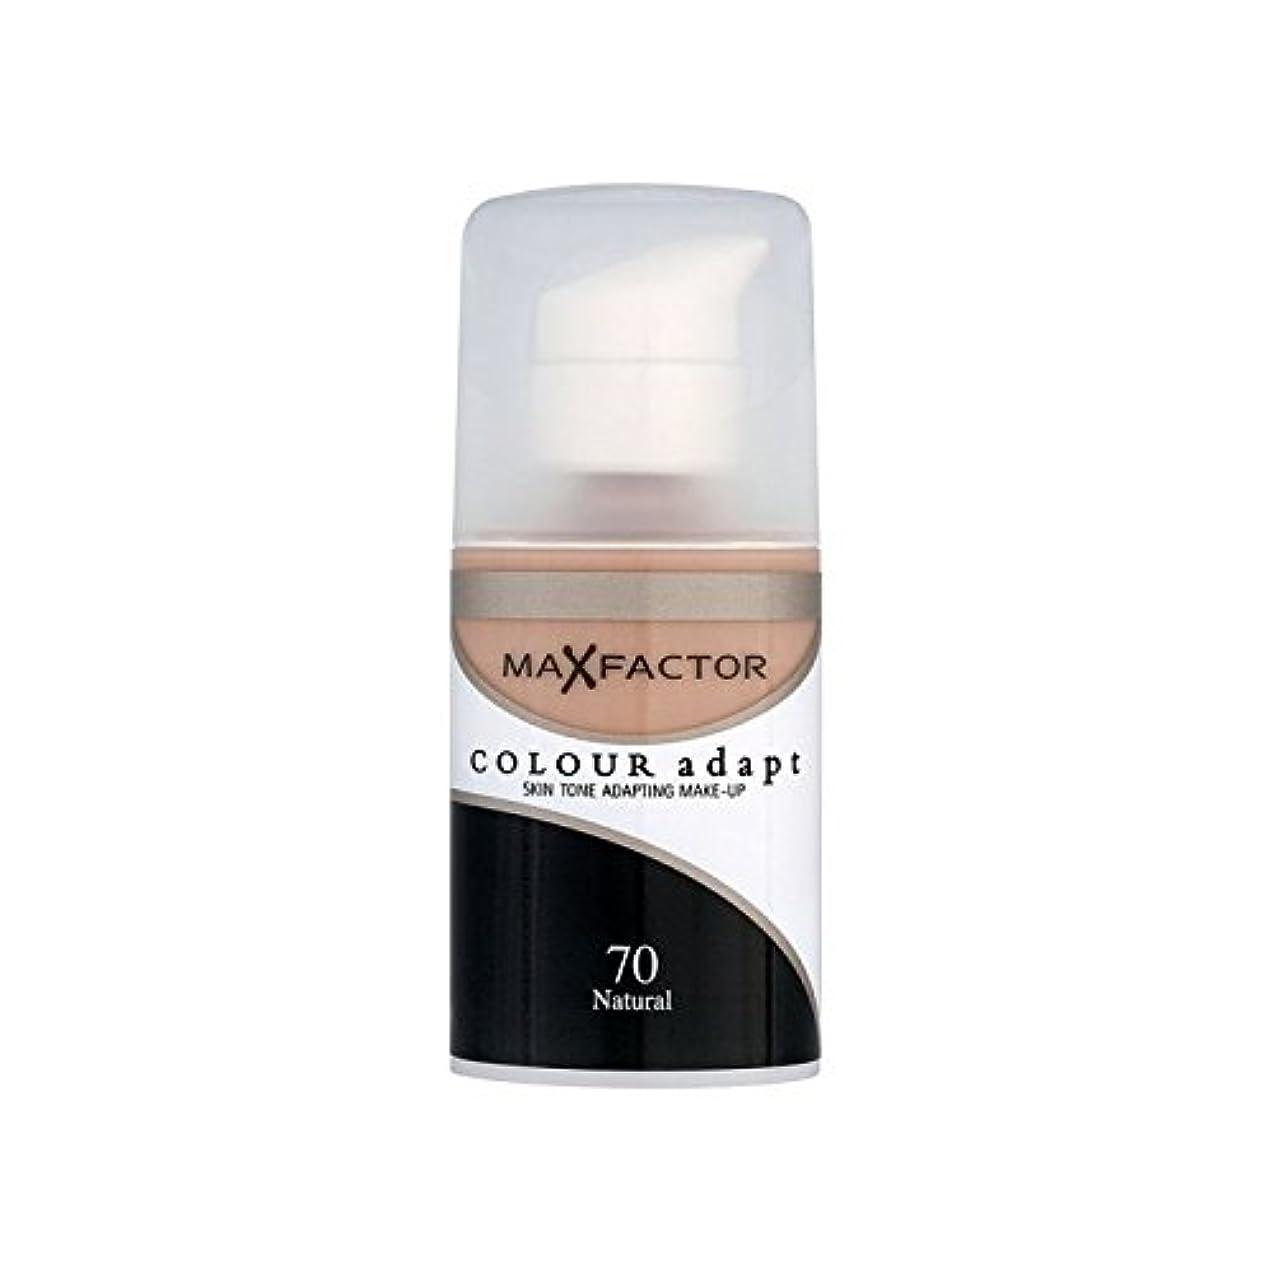 ライトニングどこか説得力のあるMax Factor Colour Adapt Foundation Natural 70 - マックスファクターの色は、基礎自然70を適応させます [並行輸入品]